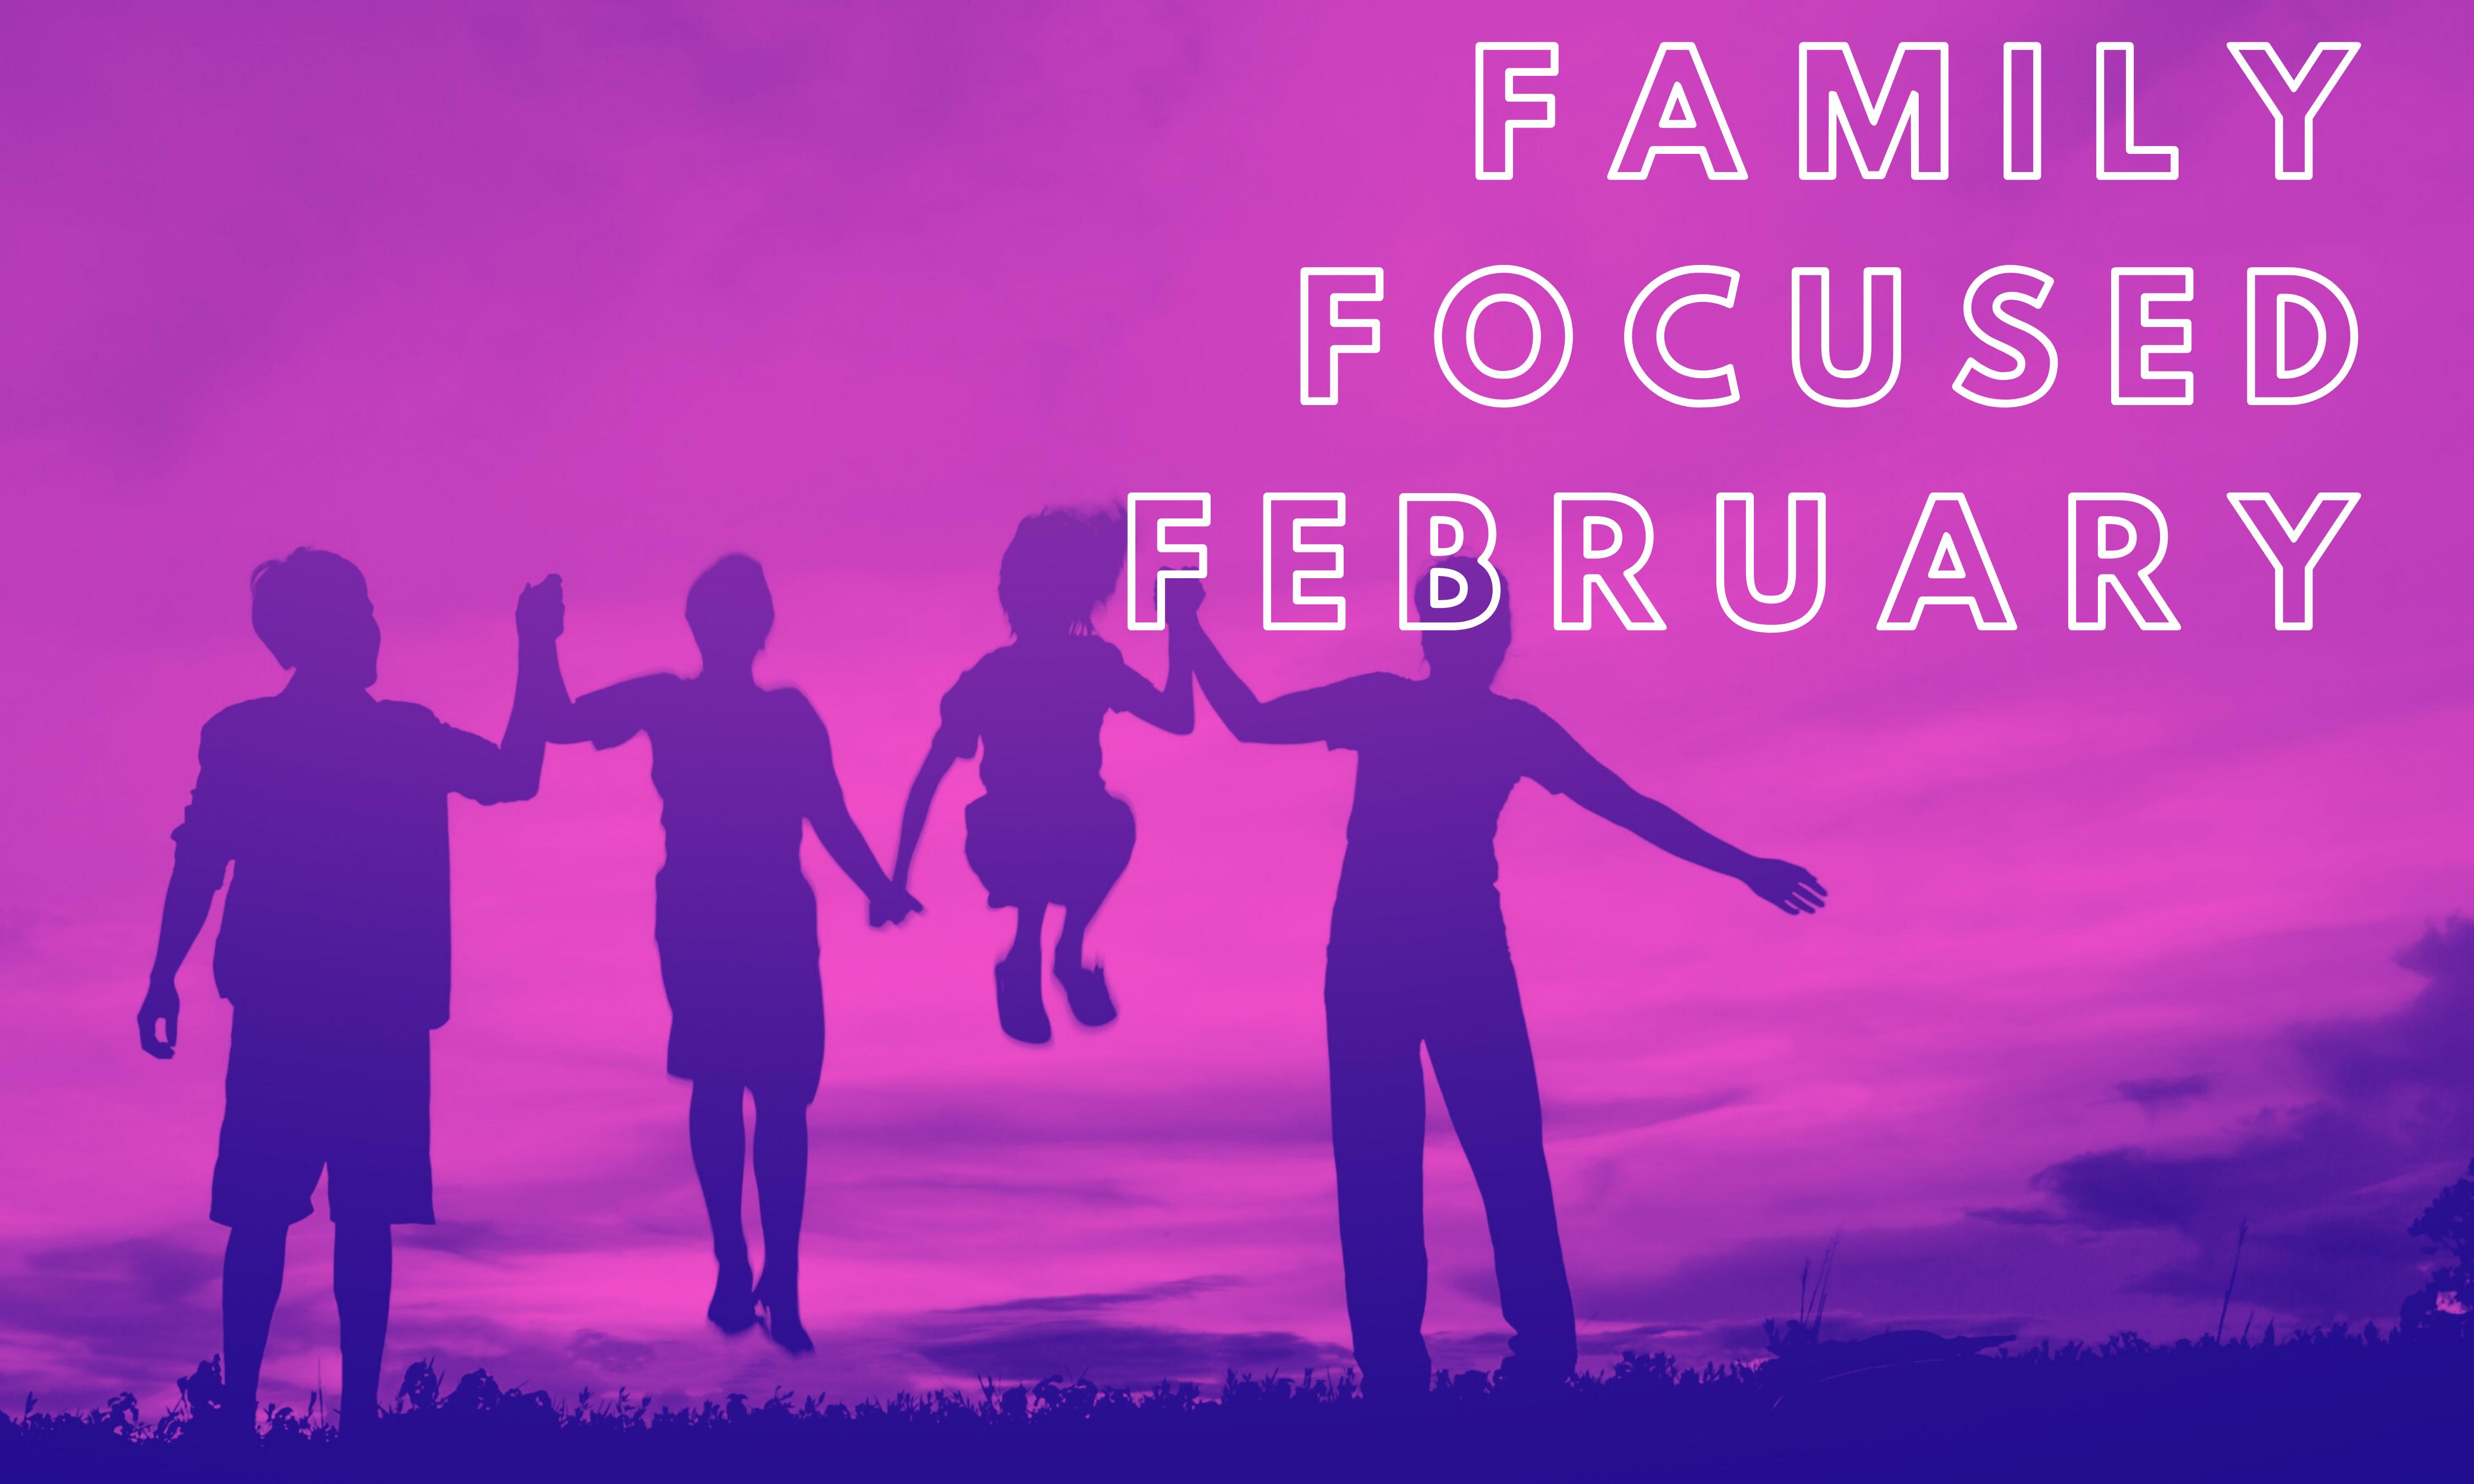 Family Focused February